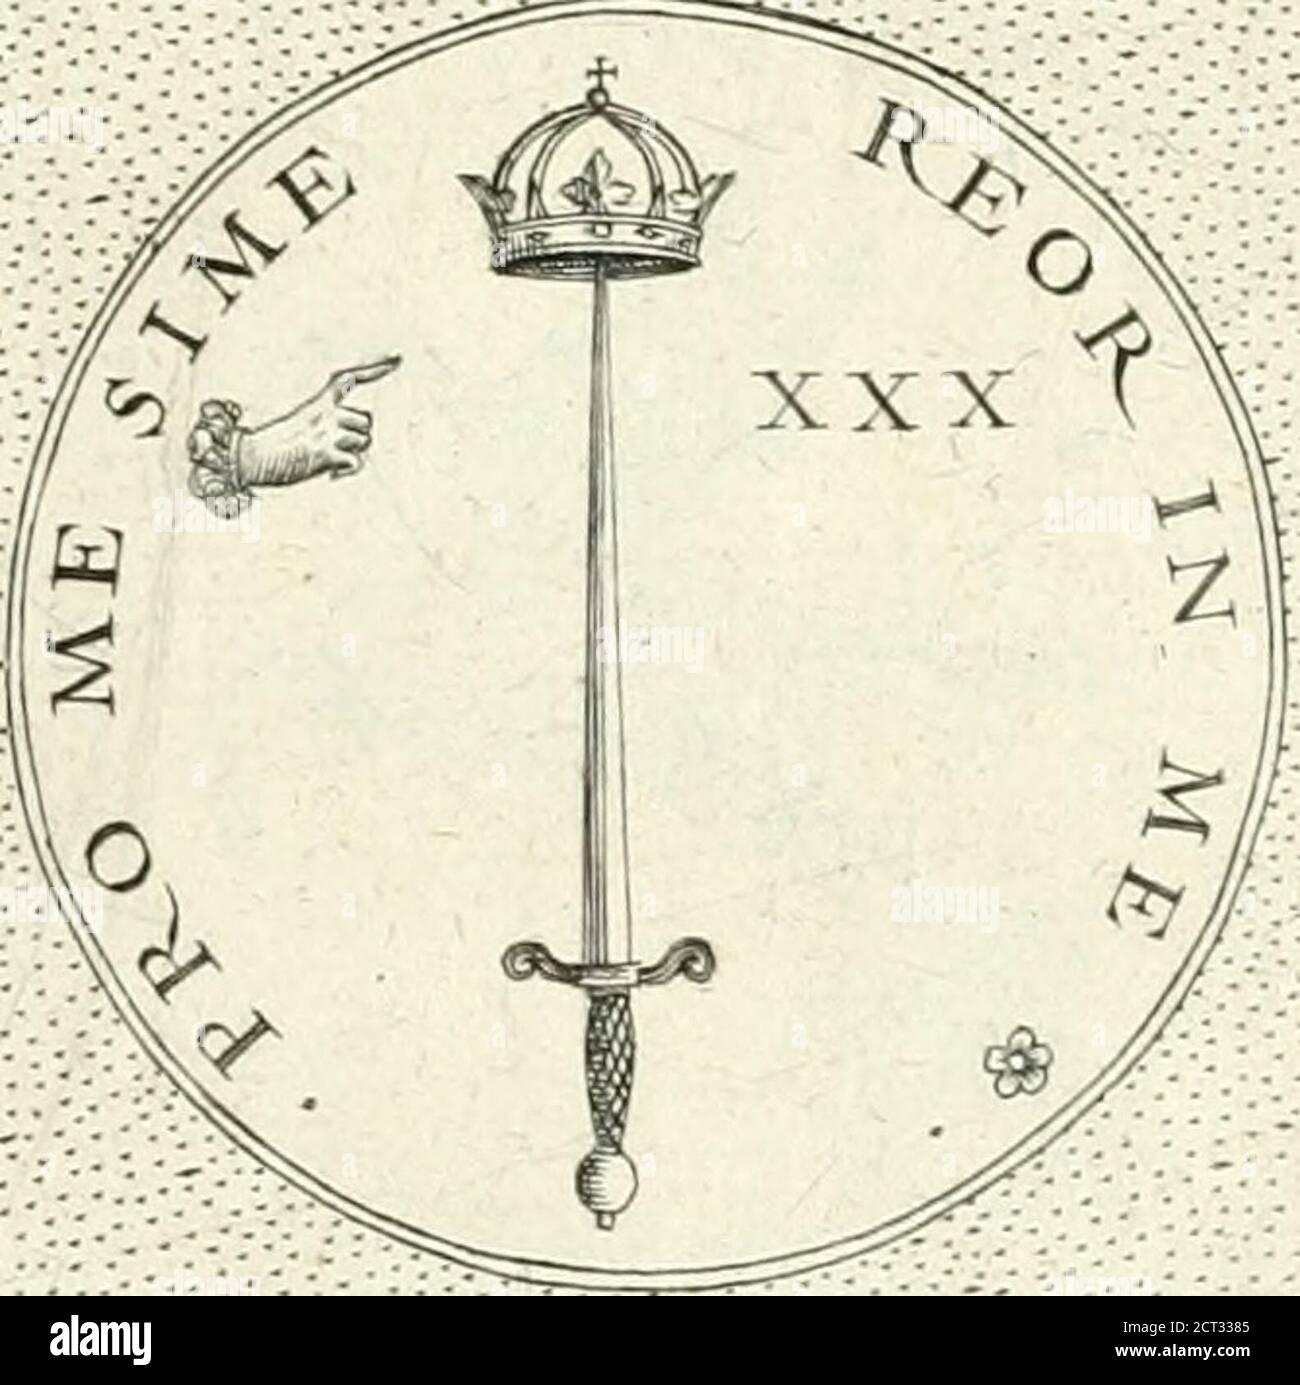 . Symbola diuina & humana pontificvm, imperatorvm, regvm : accesit breuis & facilis isagoge IAC. Typotii : ex mvsaeo Octavii de strada civis Romani : tomus primus[-tertius] . t/f ci^.. W^:iv^i^^n;^>VV--^v-^;^^^^ /^y^rsJ^ff//i^a//F. ■}:^-/^-;^}:-:-:^/;i-V:-;:<:-^y^lpfimsm u/. J^P<7ft/^a///r. ^YJ^h//sus /u/. Ji^TJ^o/^/^a//F. Foto Stock